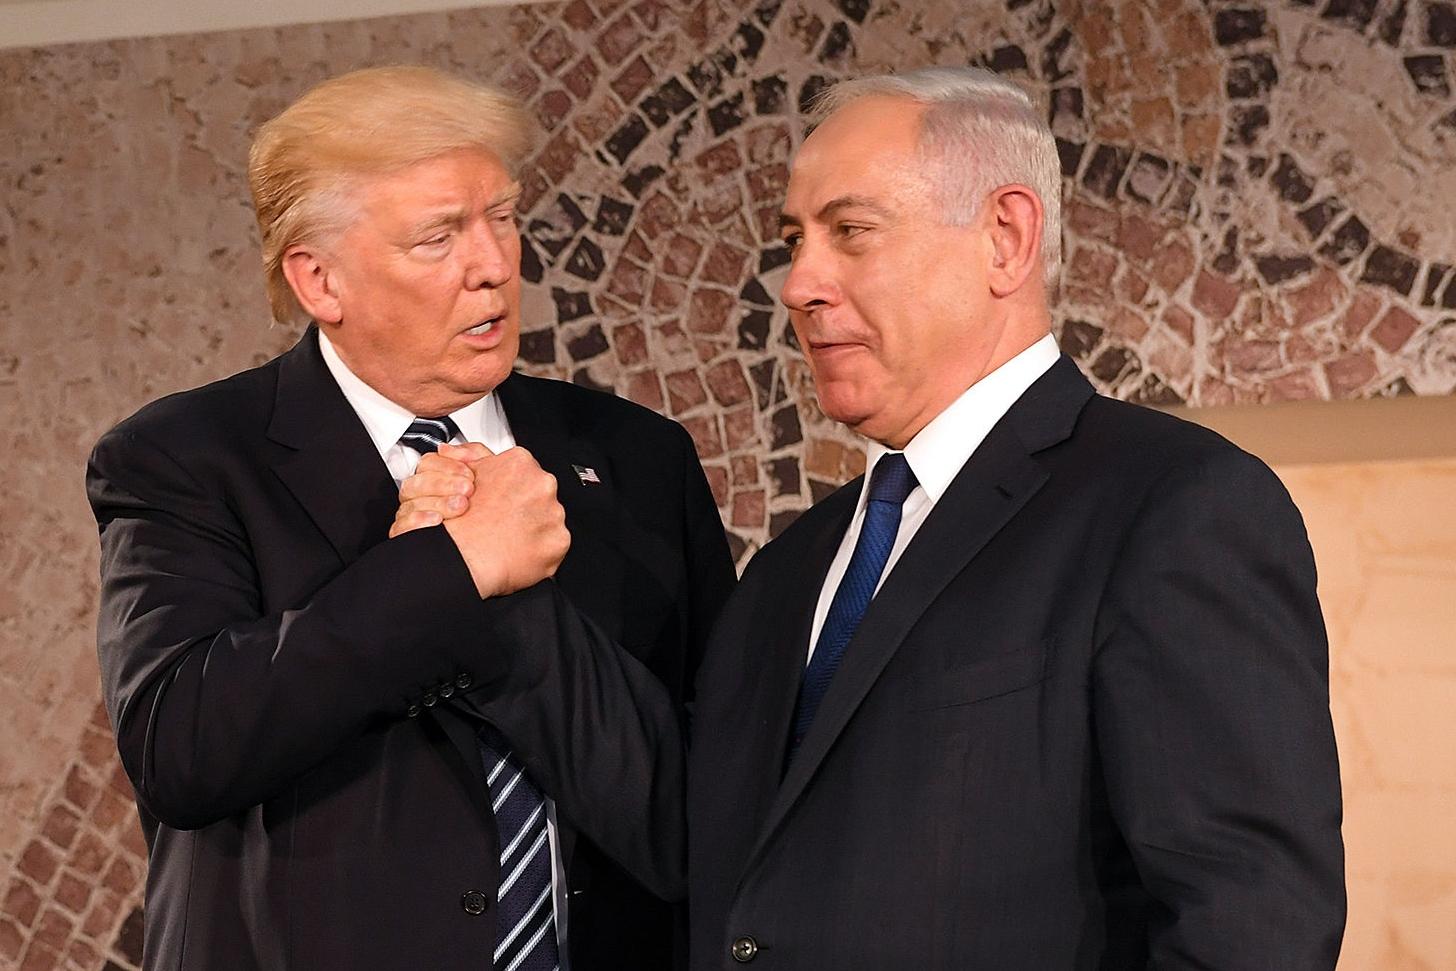 S odstoupením USA od íránské jaderné dohody je spokojený kromě Donalda Trumpa i izraelský prezident Benjamin Netanjahu. Oba se mýlí, říká Ilona Švihlíková